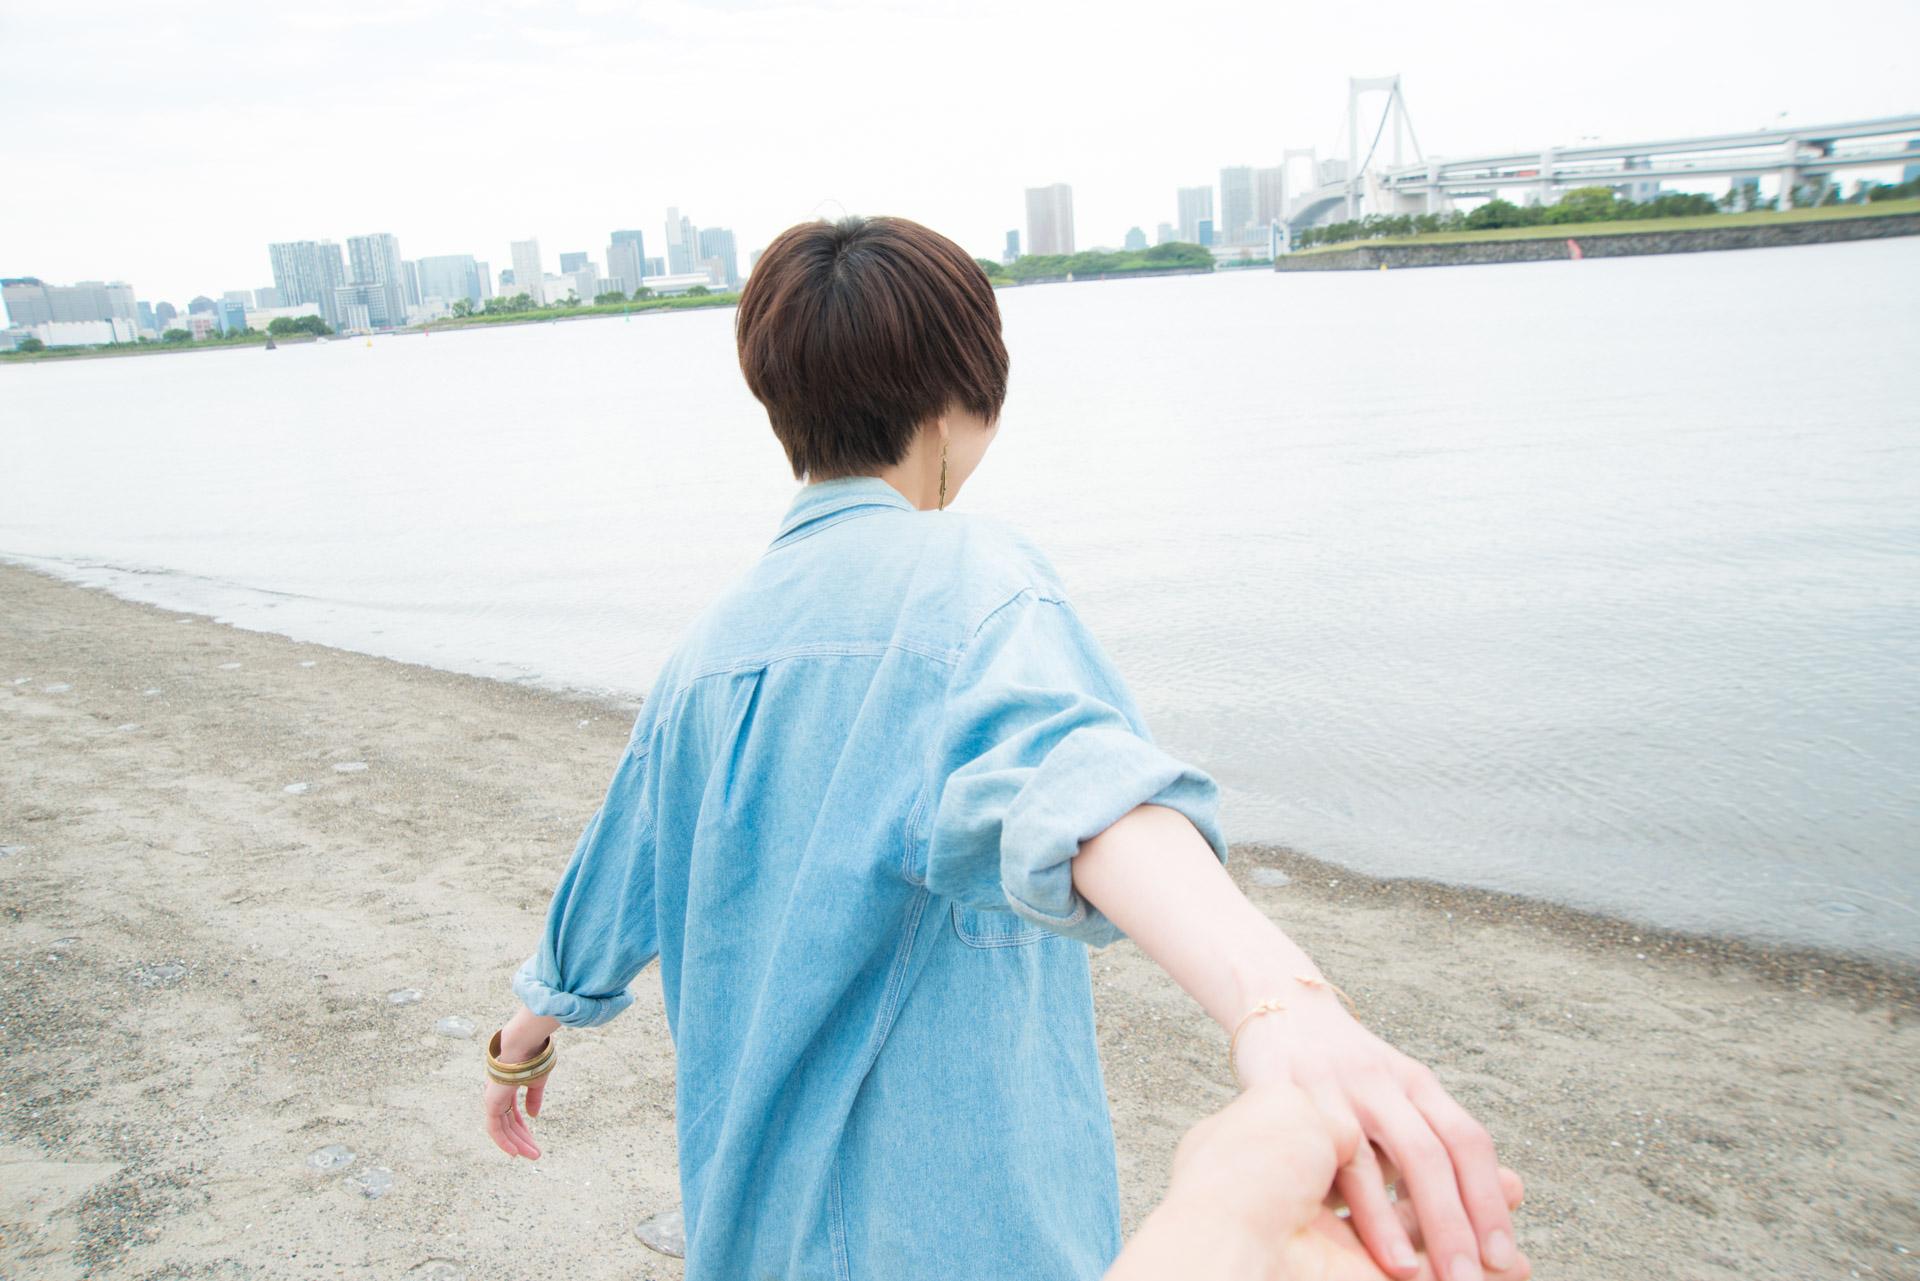 手を捕まれ海に引きづり込まれるさま